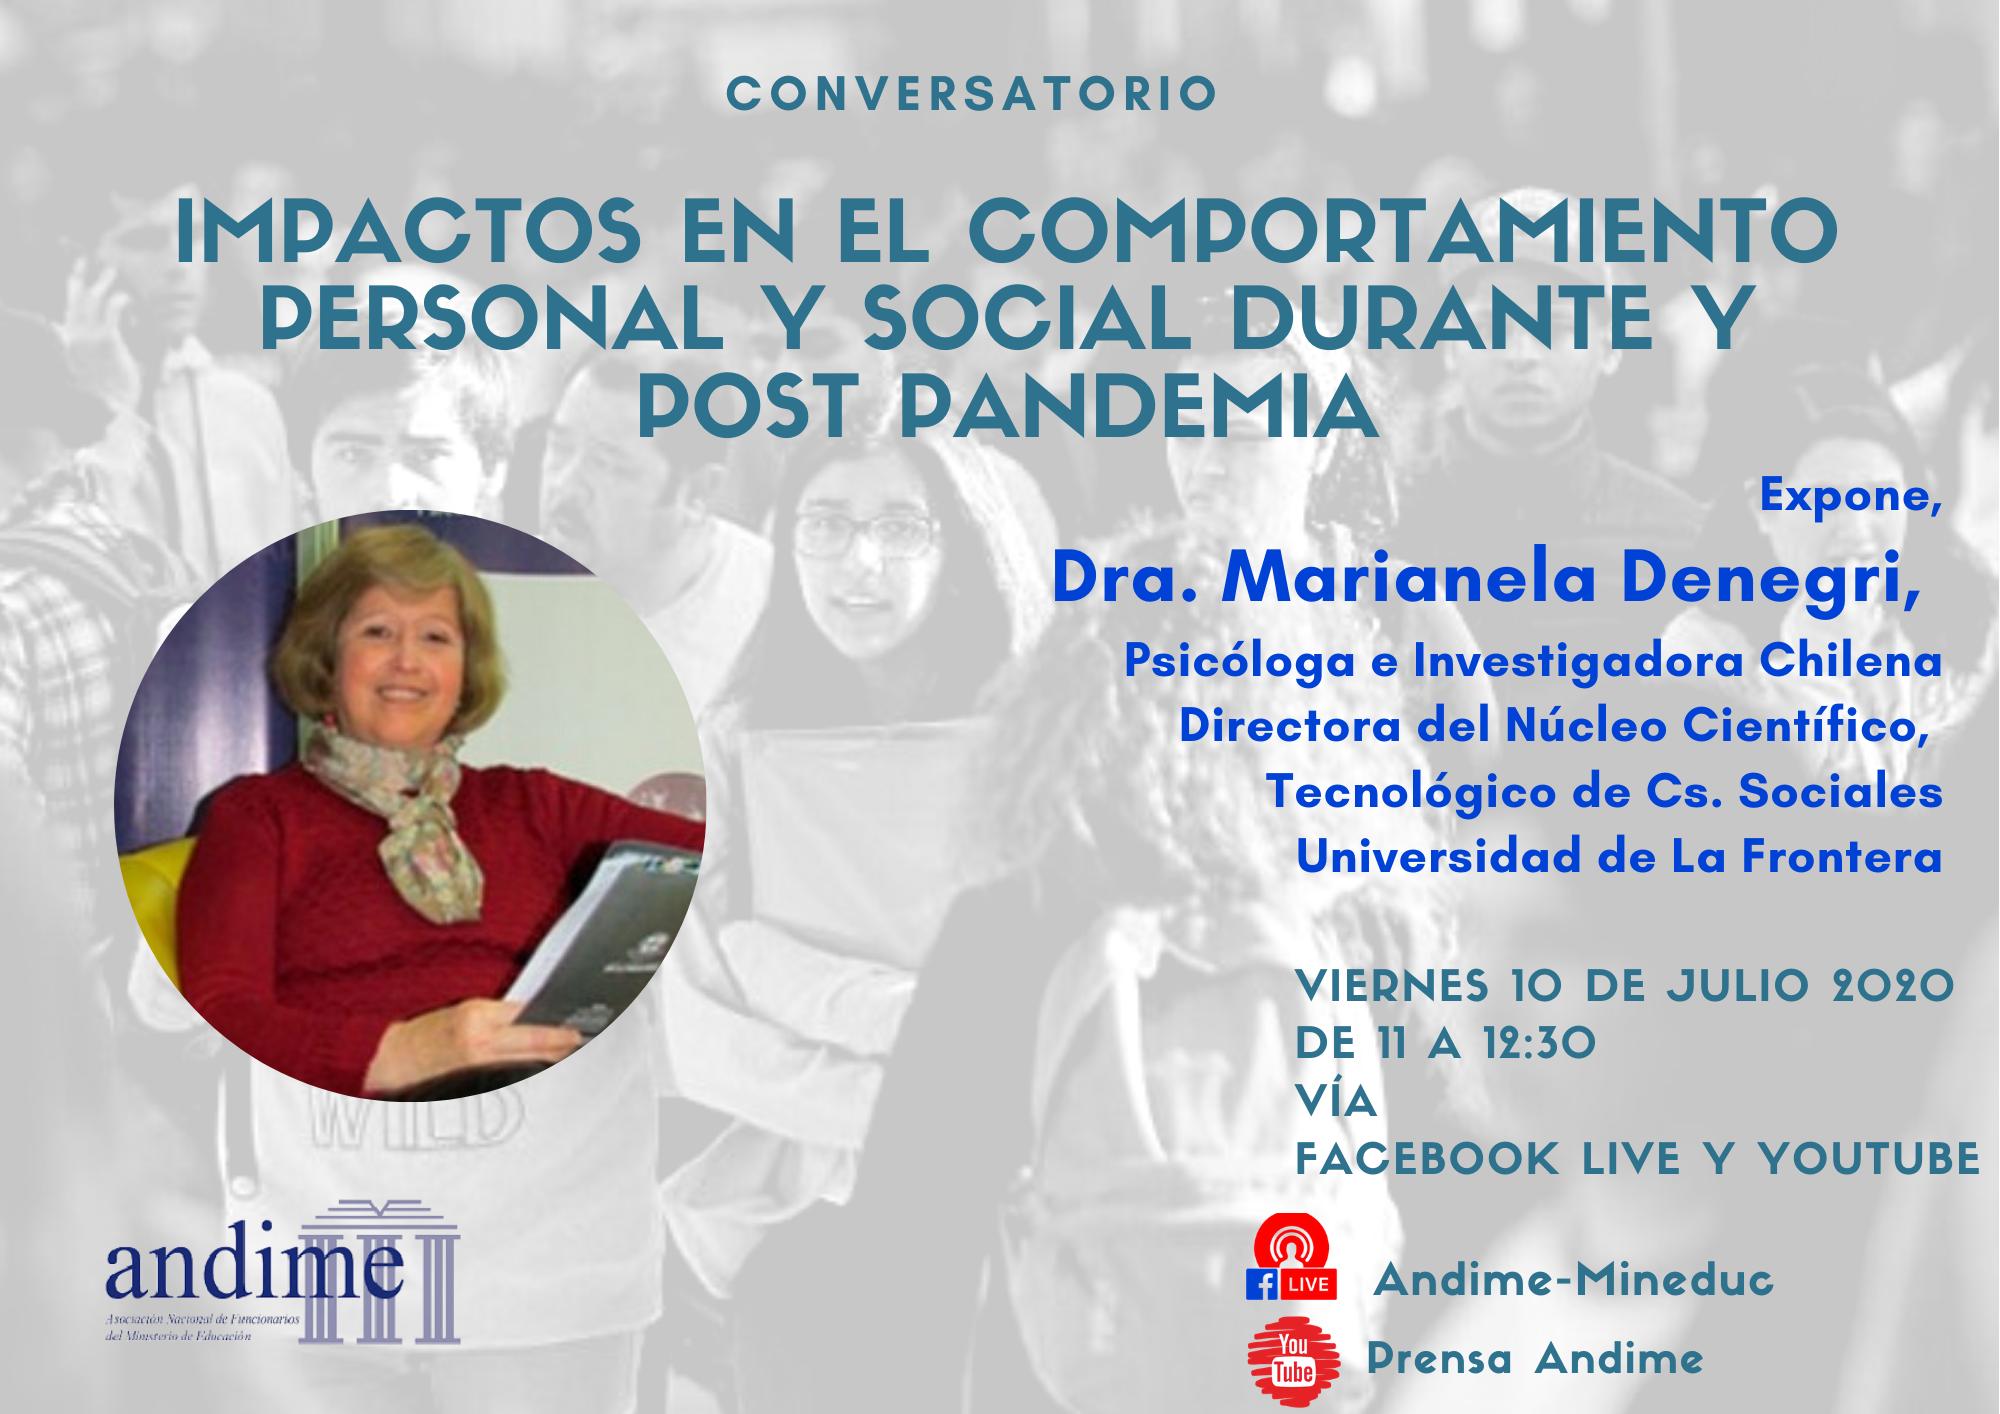 Dra. Marianela DeNegri en conversatorio con Andime